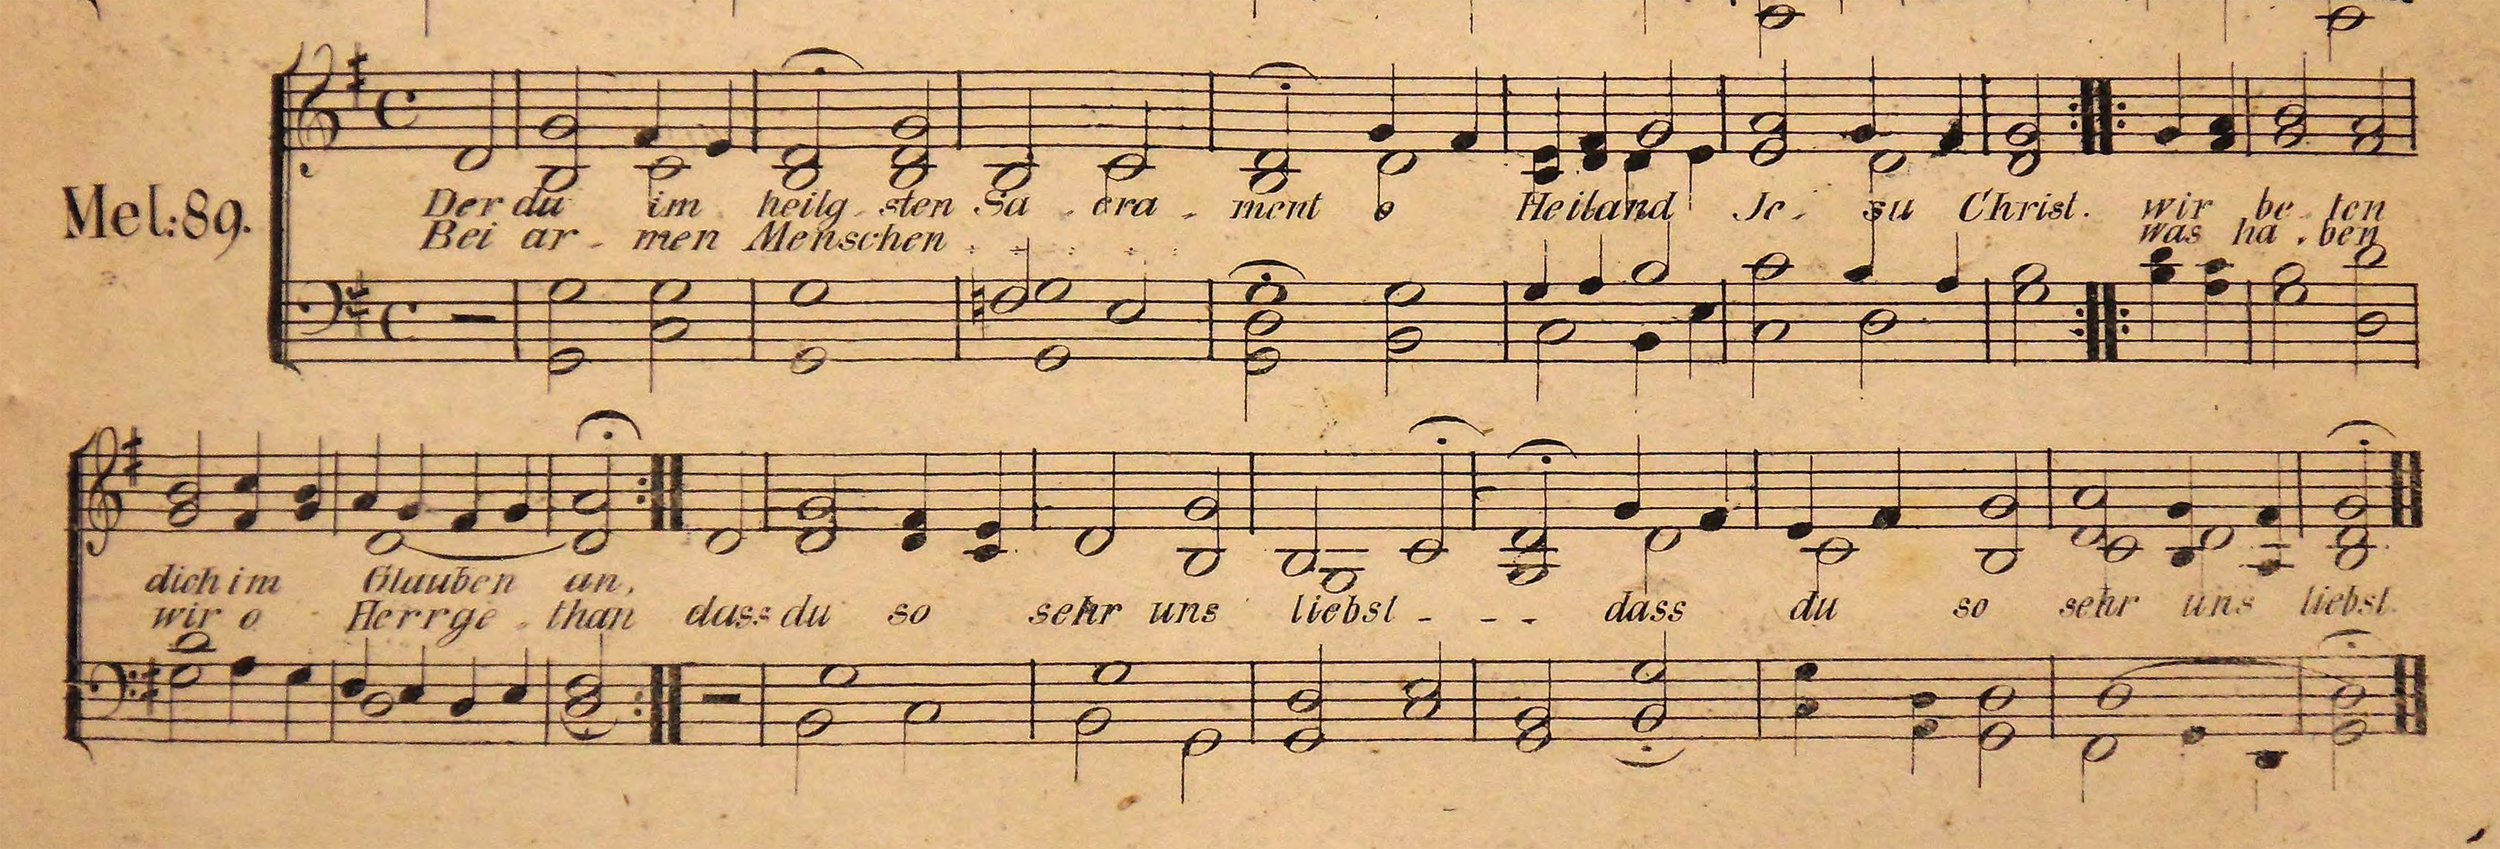 Fig. 4.   Vollstandige⸗Sammlung der gewöhnlichen Melodien zum Mainzer⸗Gesangbuche  (Mainz: Franz Zimmermann, ca. 1827).